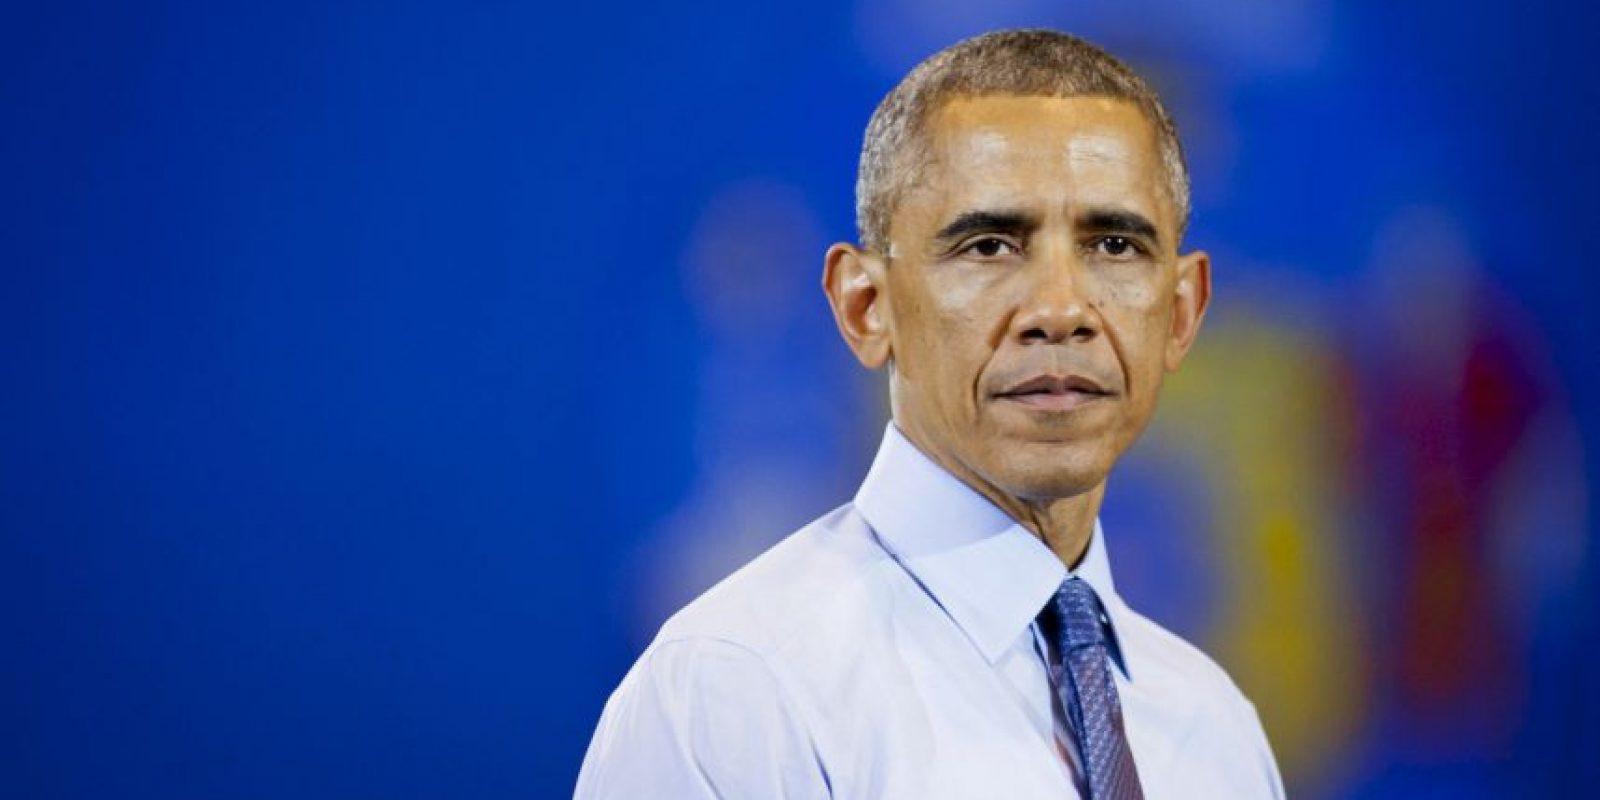 4. Internet- El mandatario ha hablado del acceso a un Internet más rápido y más económico. Obama pidió a la Comisión Federal de Comunicaciones (FCC, por sus siglas en inglés) que luchen contra las leyes que limitan el acceso a Internet. Foto:Getty